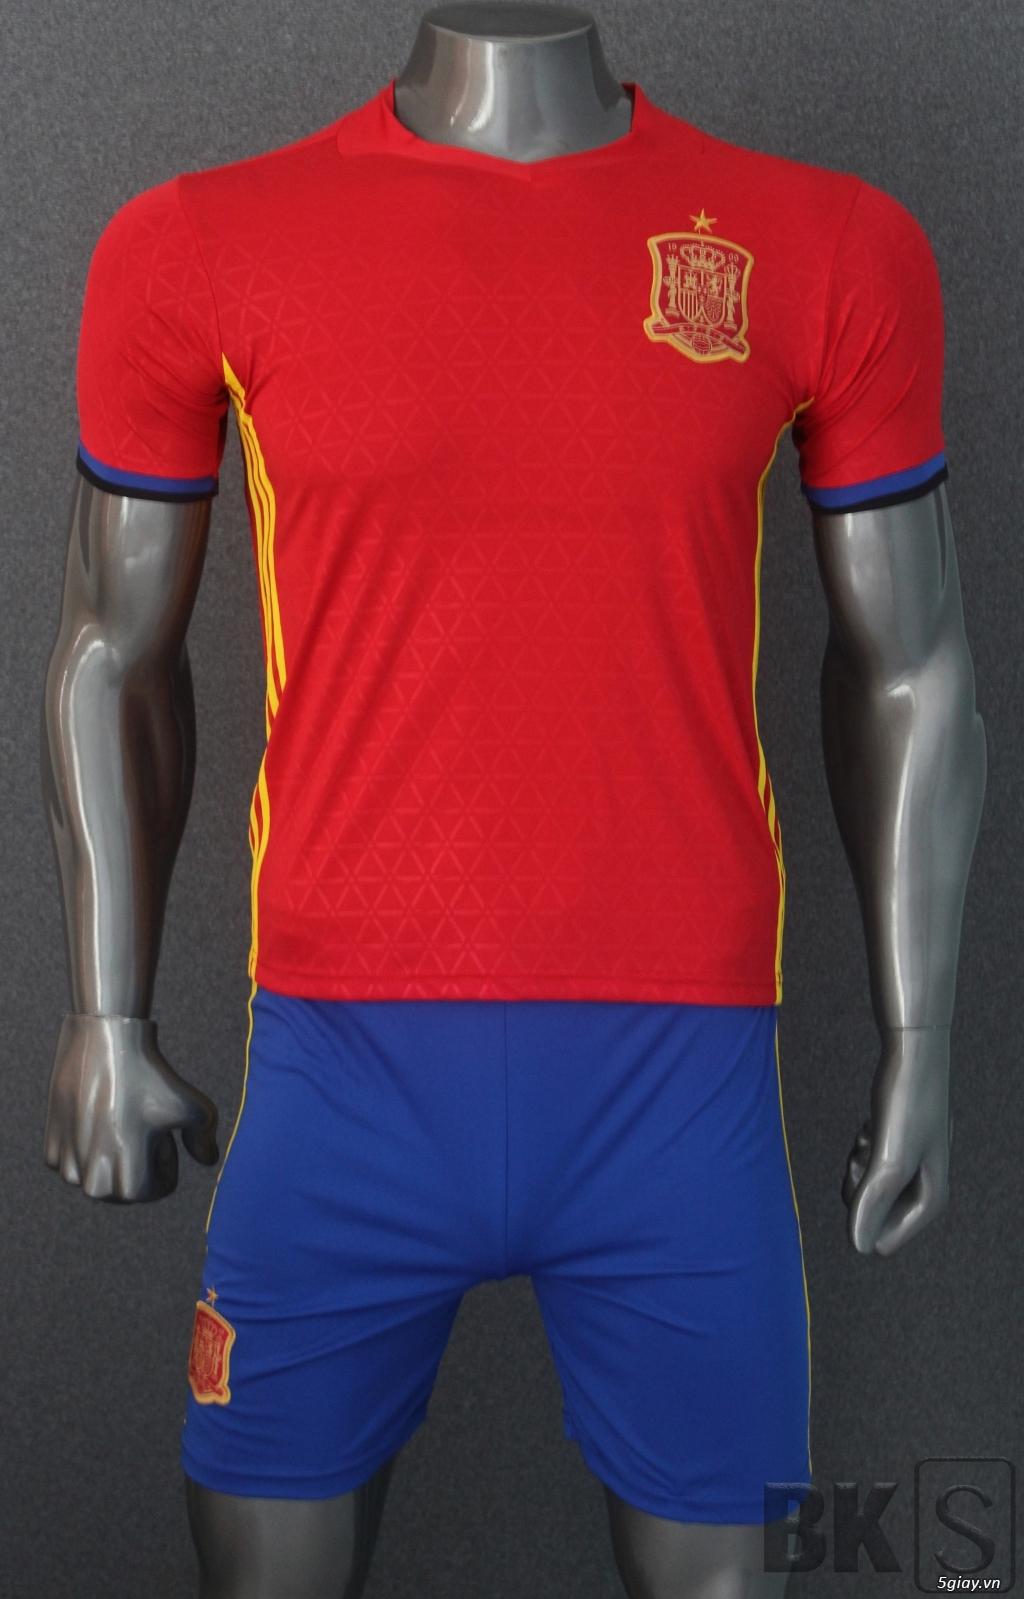 Áo bóng đá HP-địa chỉ gốc sản xuất trang phục thể thao số 1 Việt Nam - 32